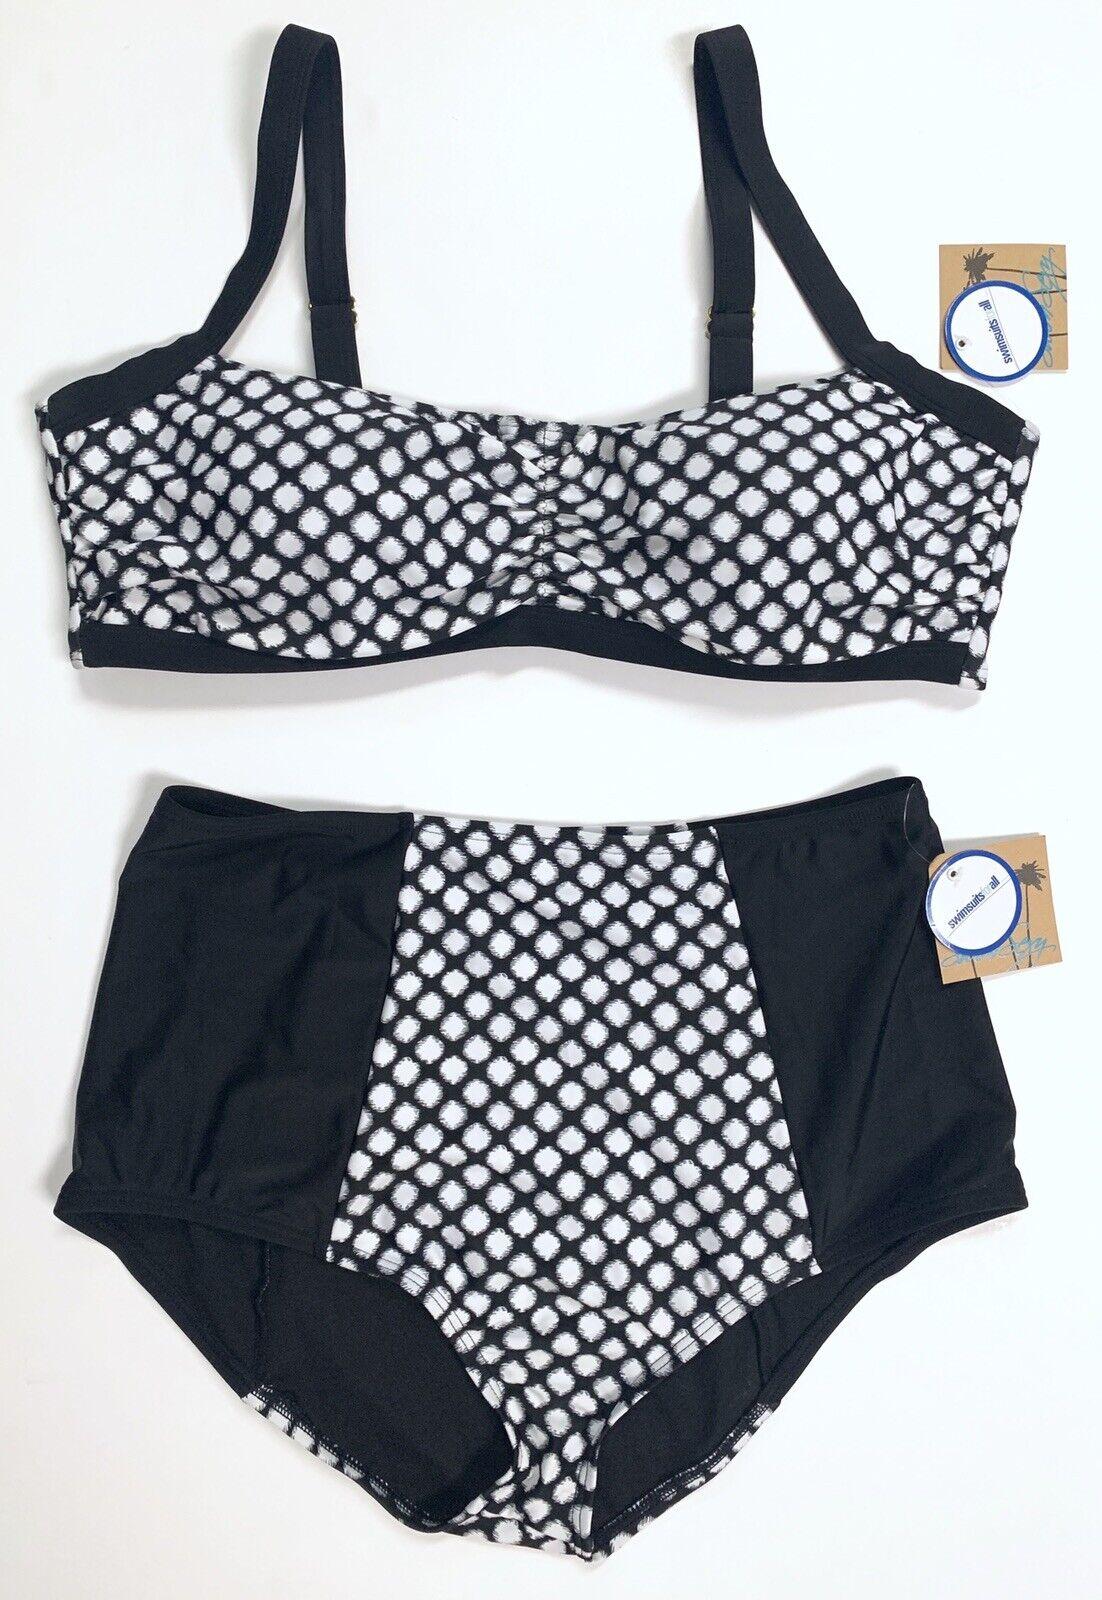 Maillots de Bain Pour All Taille Haute Buscravater Bikini Rétro Noir Polka Dot 18 18D 18DD